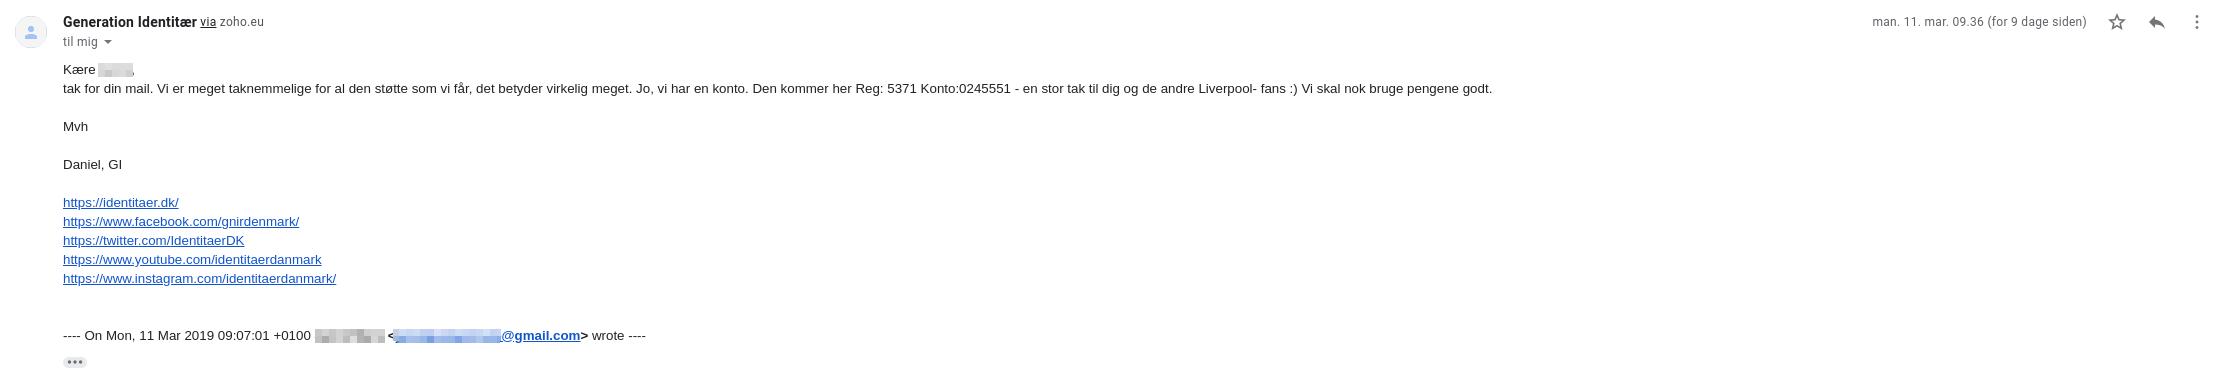 Email fra Generation Identitær, hvor Daniel bekræfter deres kontonummer.